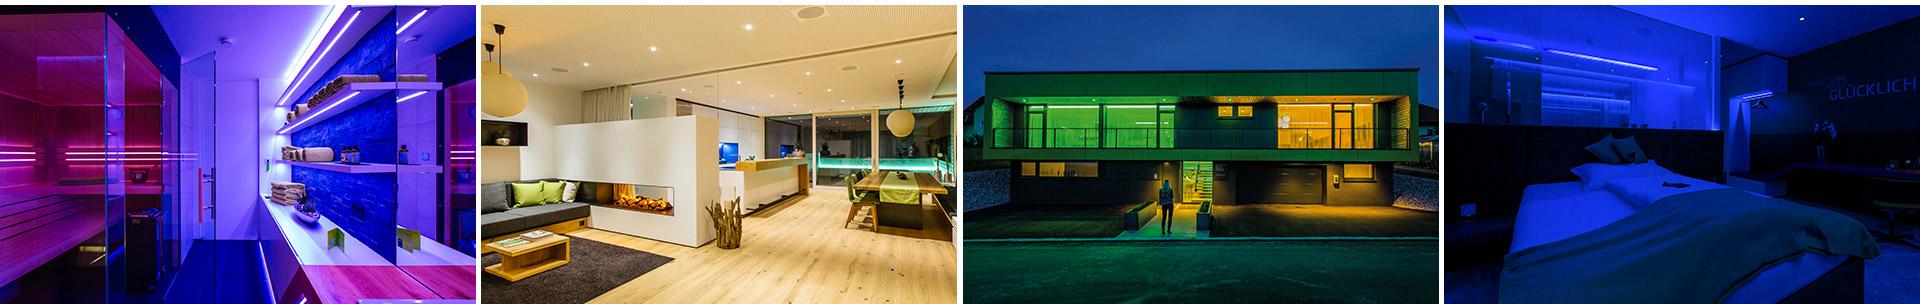 Inteligentne oświetlenie LED domu